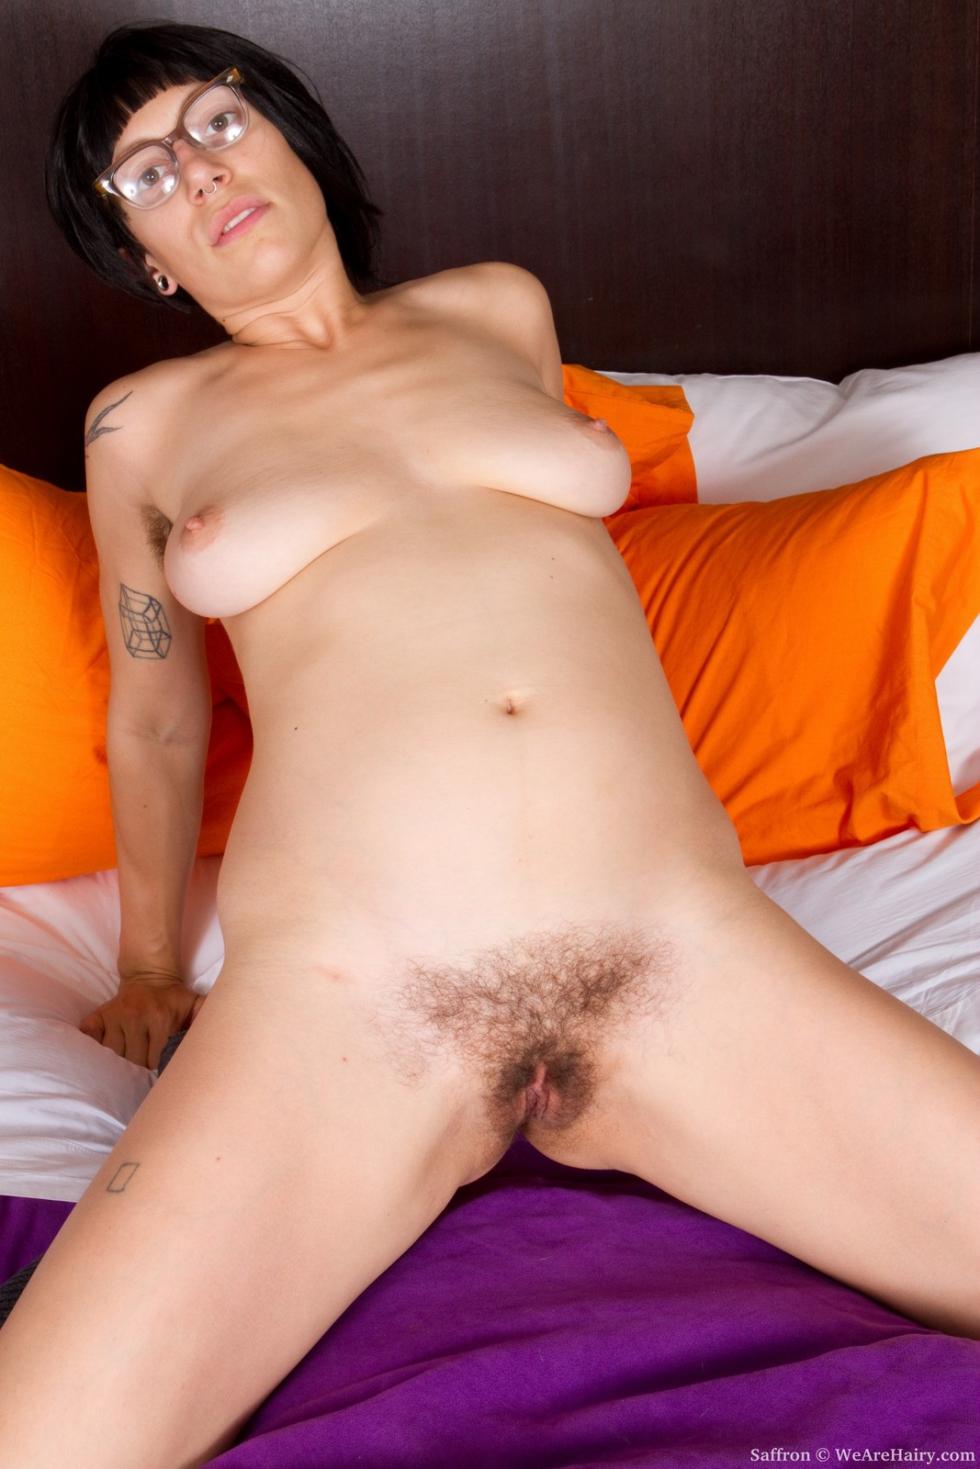 Sexy saffron